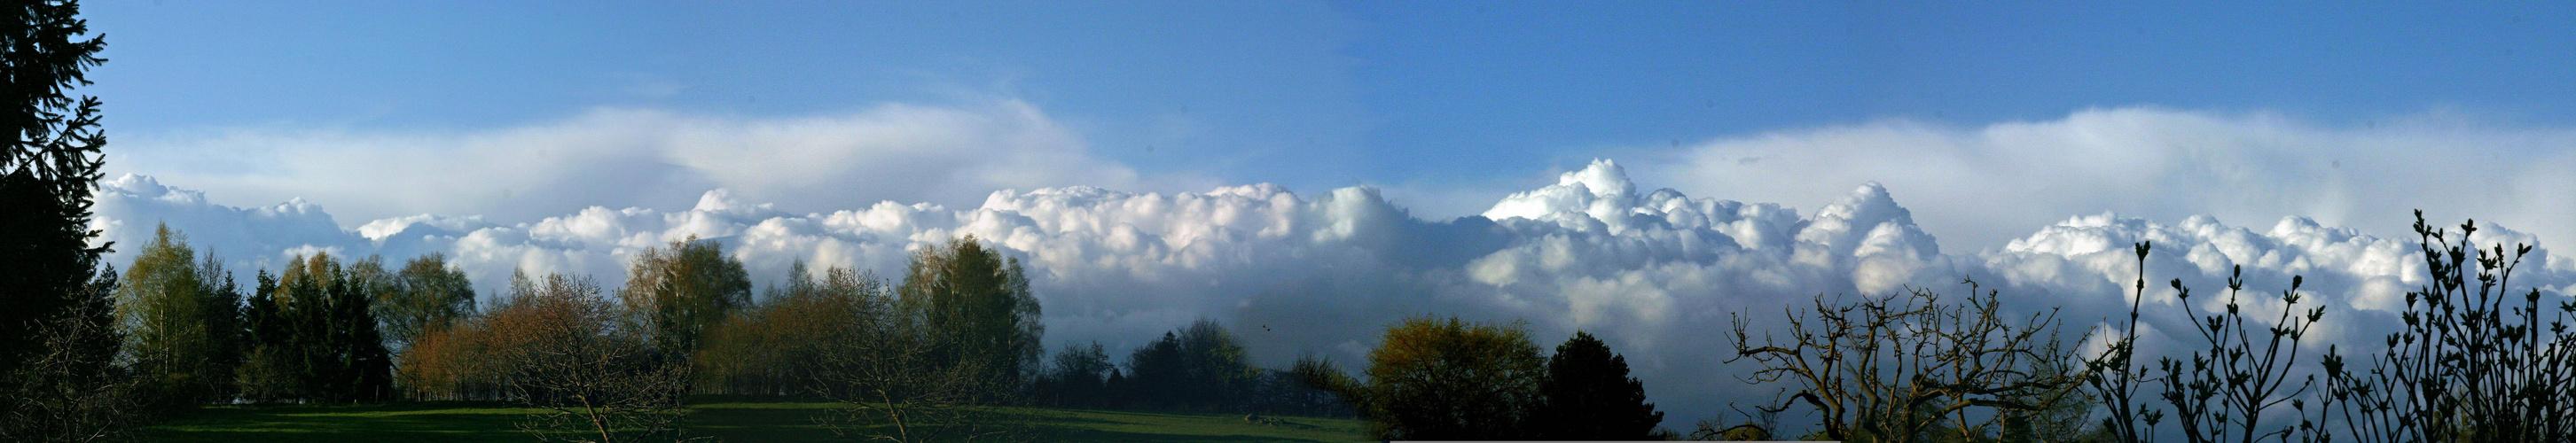 Wolkengebirge